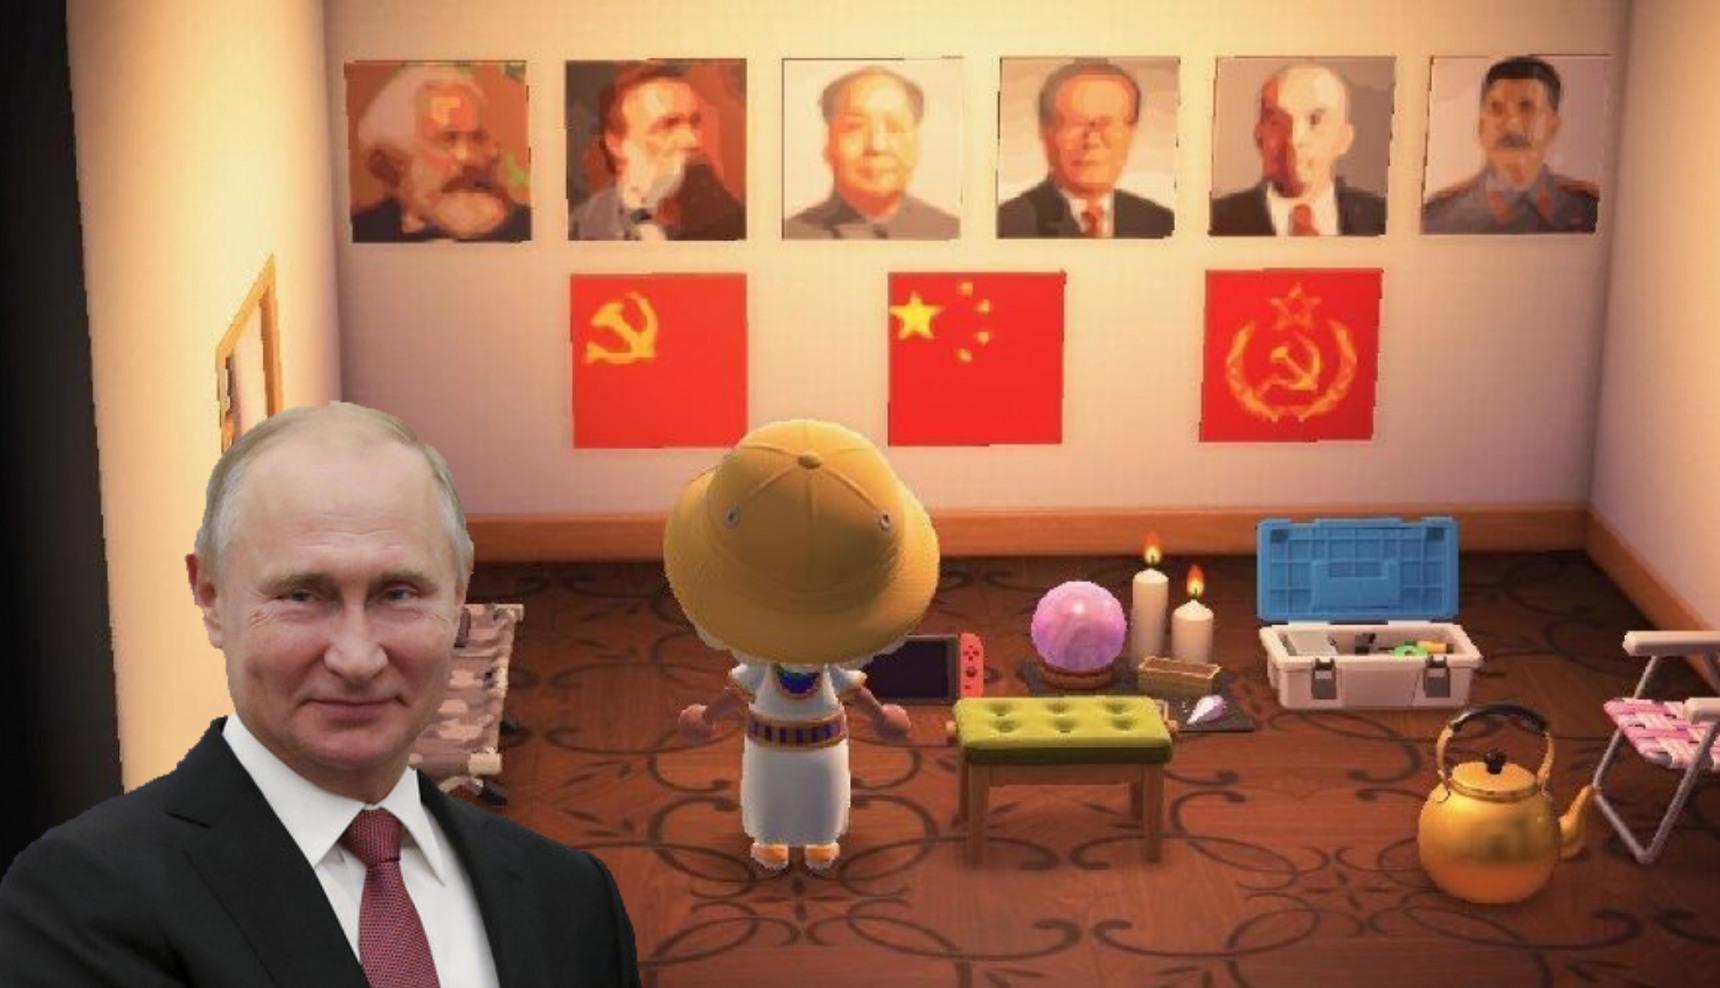 Le communiste est le goulag - meme